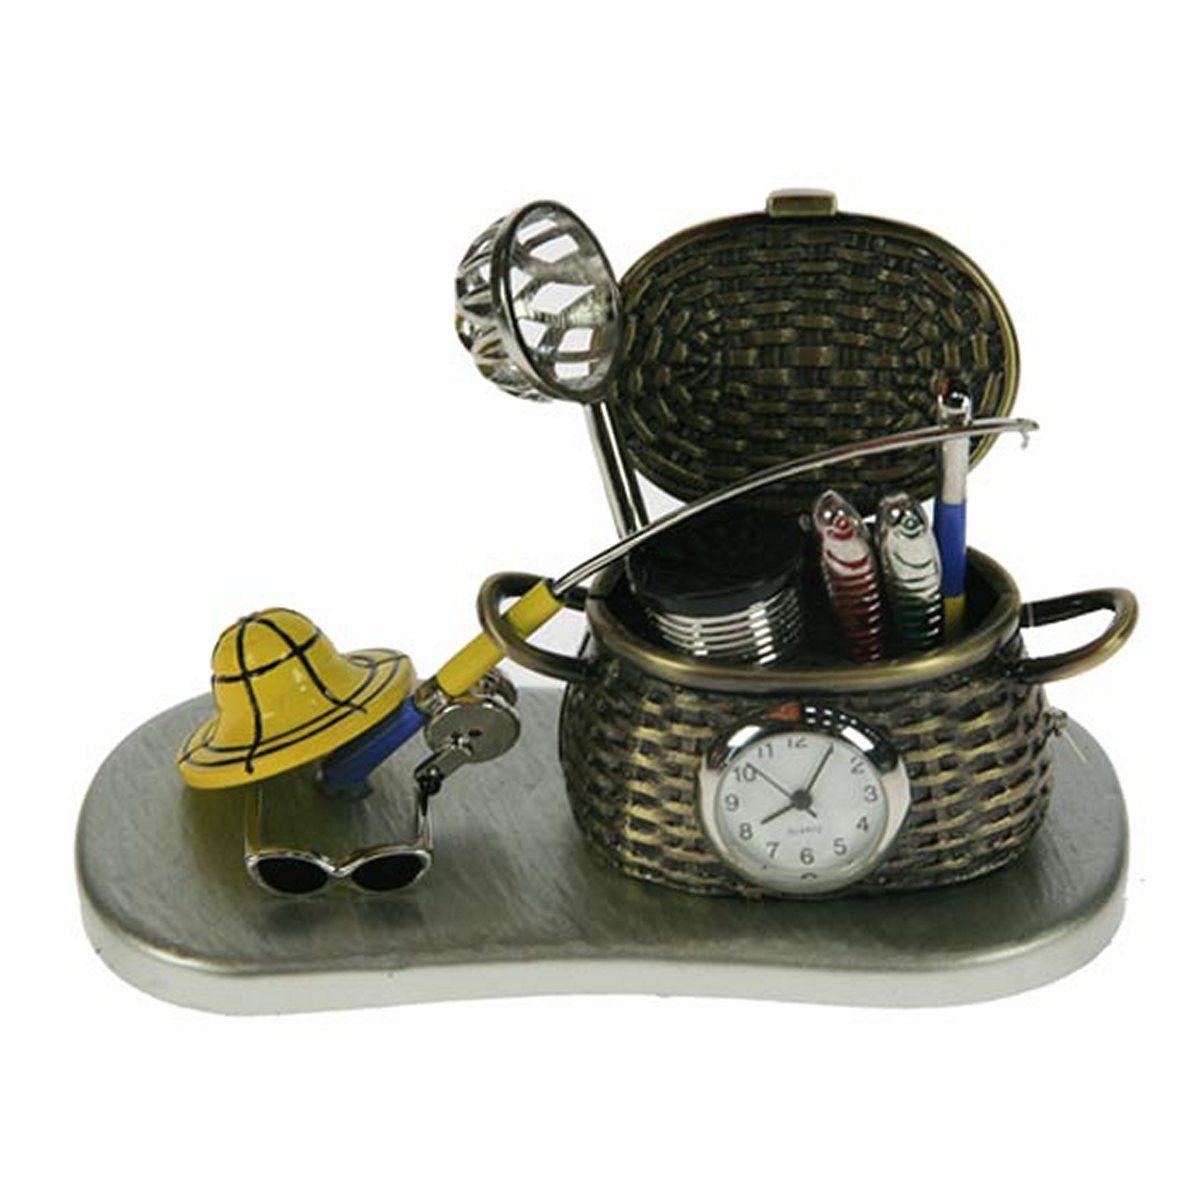 Часы настольные Русские Подарки Рыбалка, 11 х 6 х 7 см. 2240622406Настольные кварцевые часы Русские Подарки Рыбалка изготовлены из металла. Изделие оригинально оформлено в виде рыболовных принадлежностей. Часы имеют три стрелки - часовую, минутную и секундную. Такие часы украсят интерьер дома или рабочий стол в офисе. Также часы могут стать уникальным, полезным подарком для родственников, коллег, знакомых и близких. Часы работают от батареек типа SR626 (в комплект не входят).